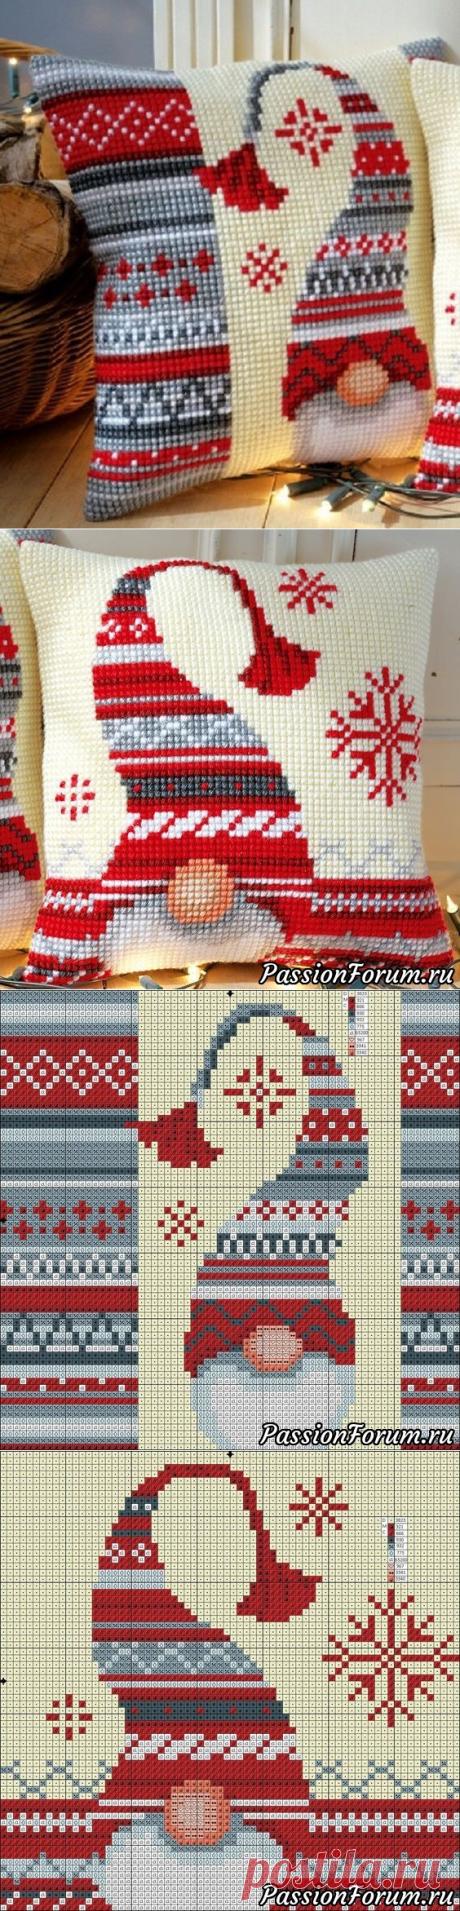 Las almohadas navideñas - la anotación del usuario vikanika (Victoria) en la comunidad el Bordado en la categoría del Esquema del bordado por la cruz, el bordado por la cruz